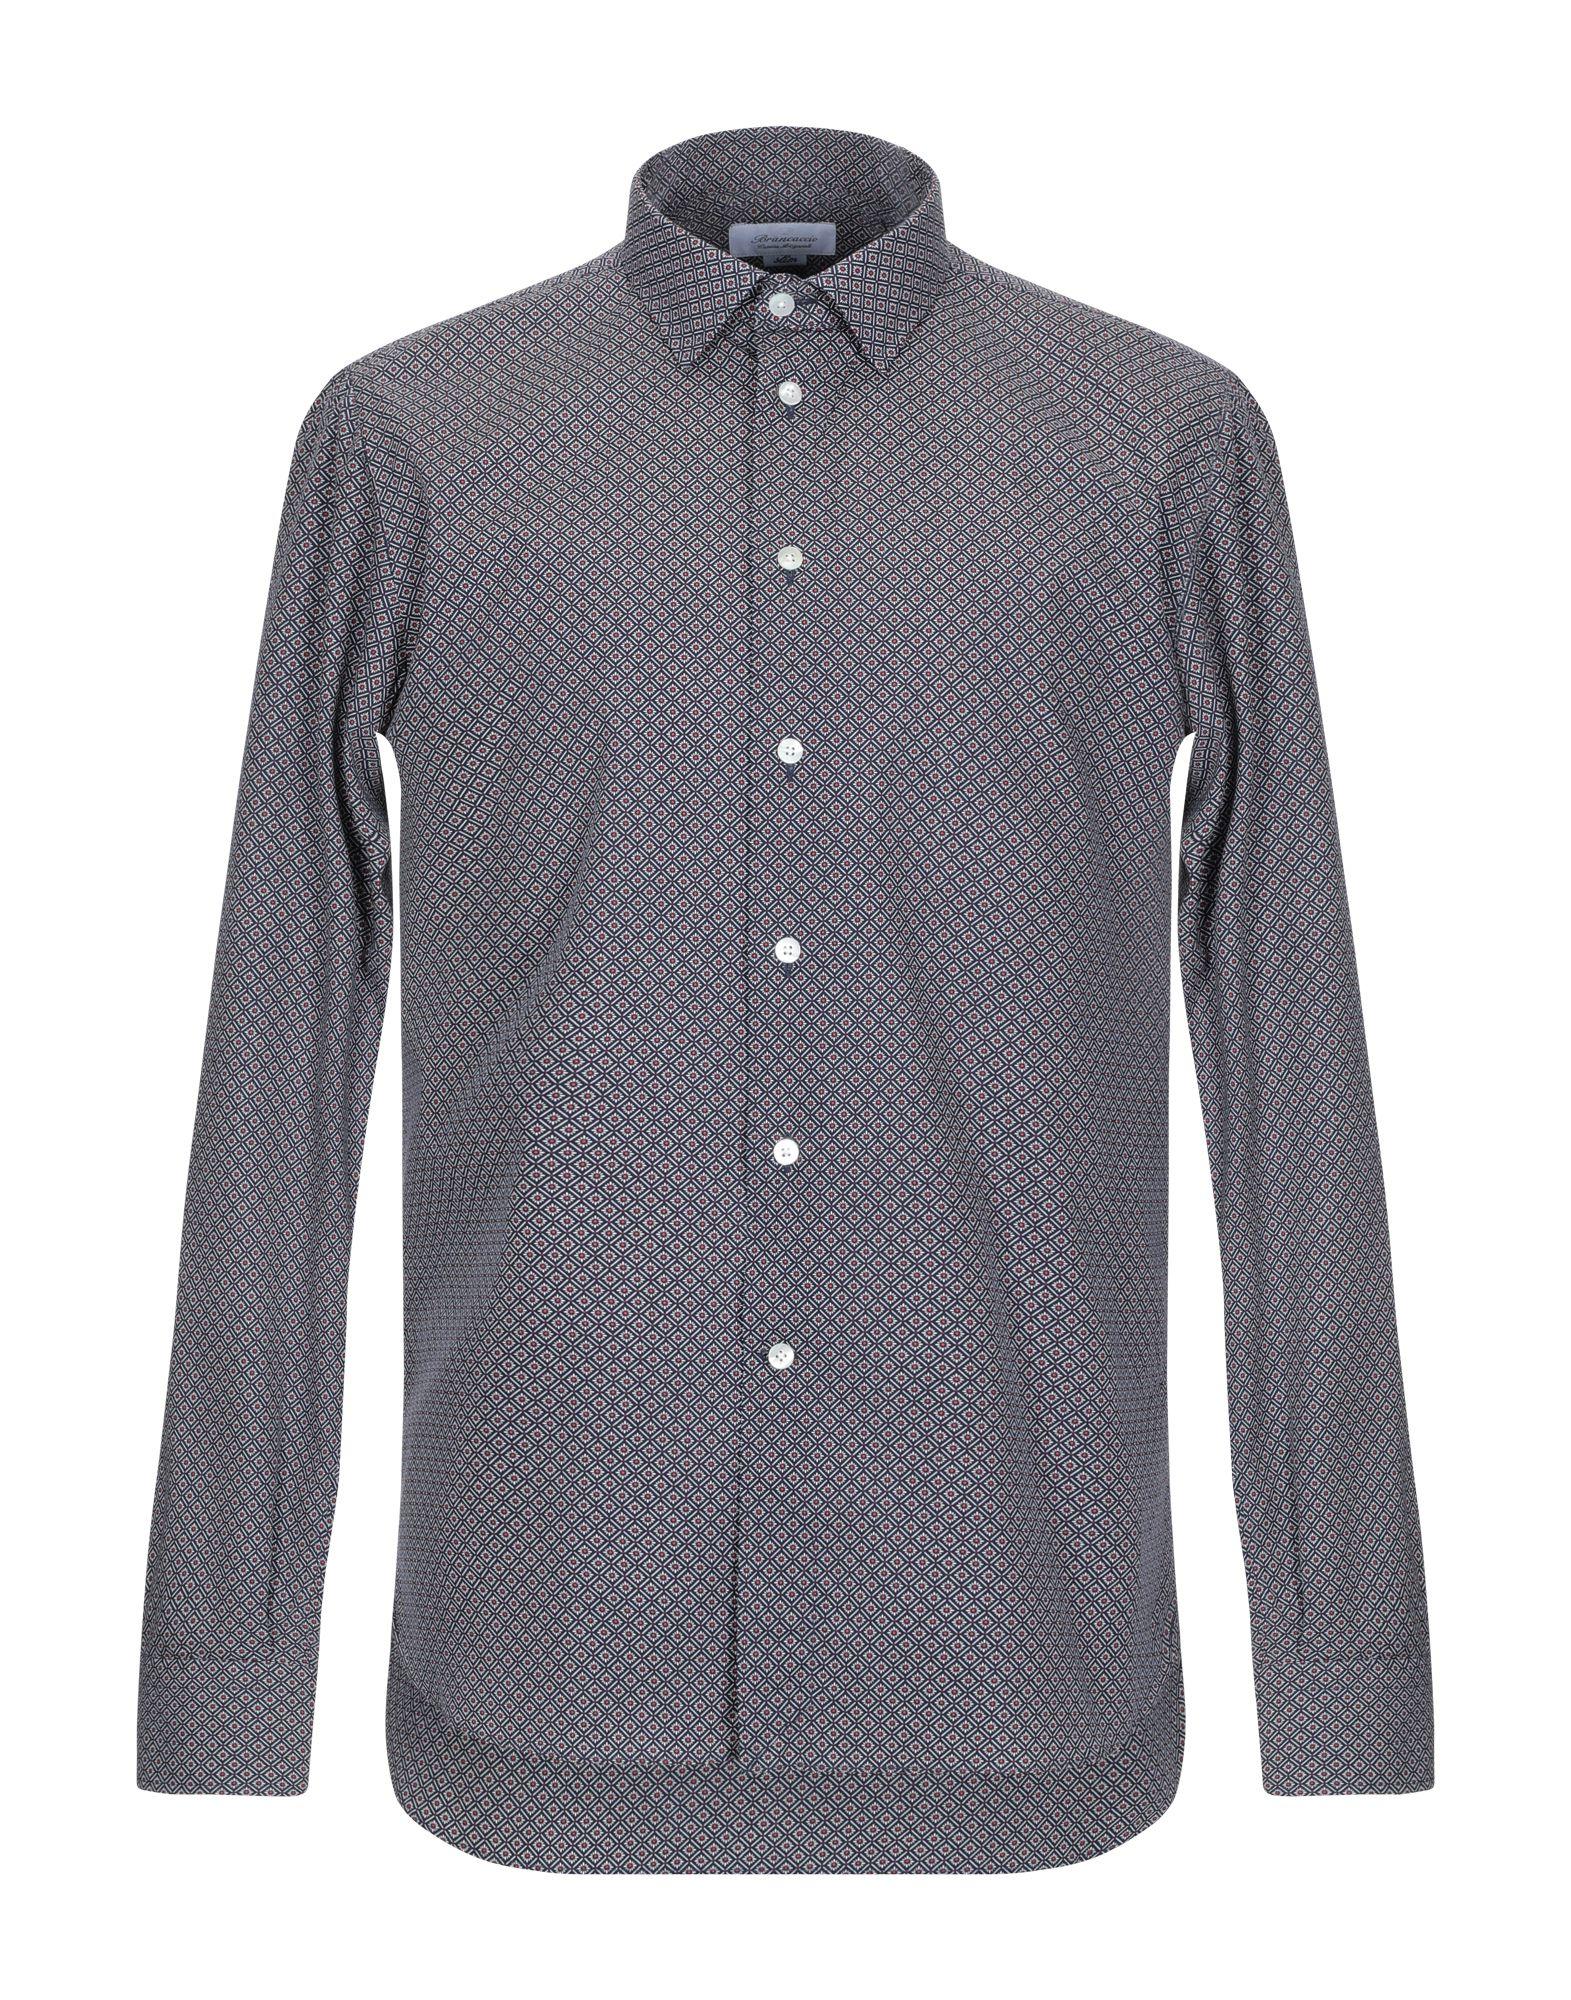 《期間限定セール中》BRANCACCIO C. メンズ シャツ ダークブルー M コットン 100%